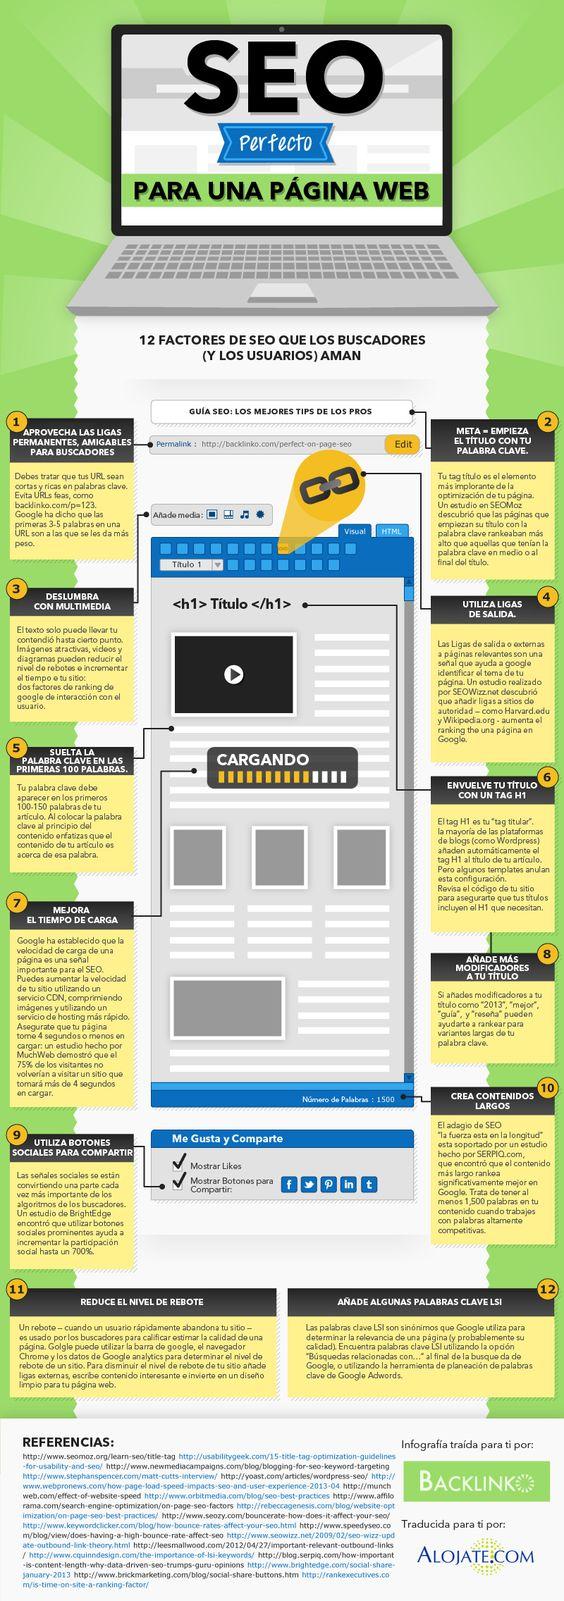 Factores #SEO para una Página Web. Revisa los principales factores a tomar en cuenta para una optimización dentro del sitio #Infografia